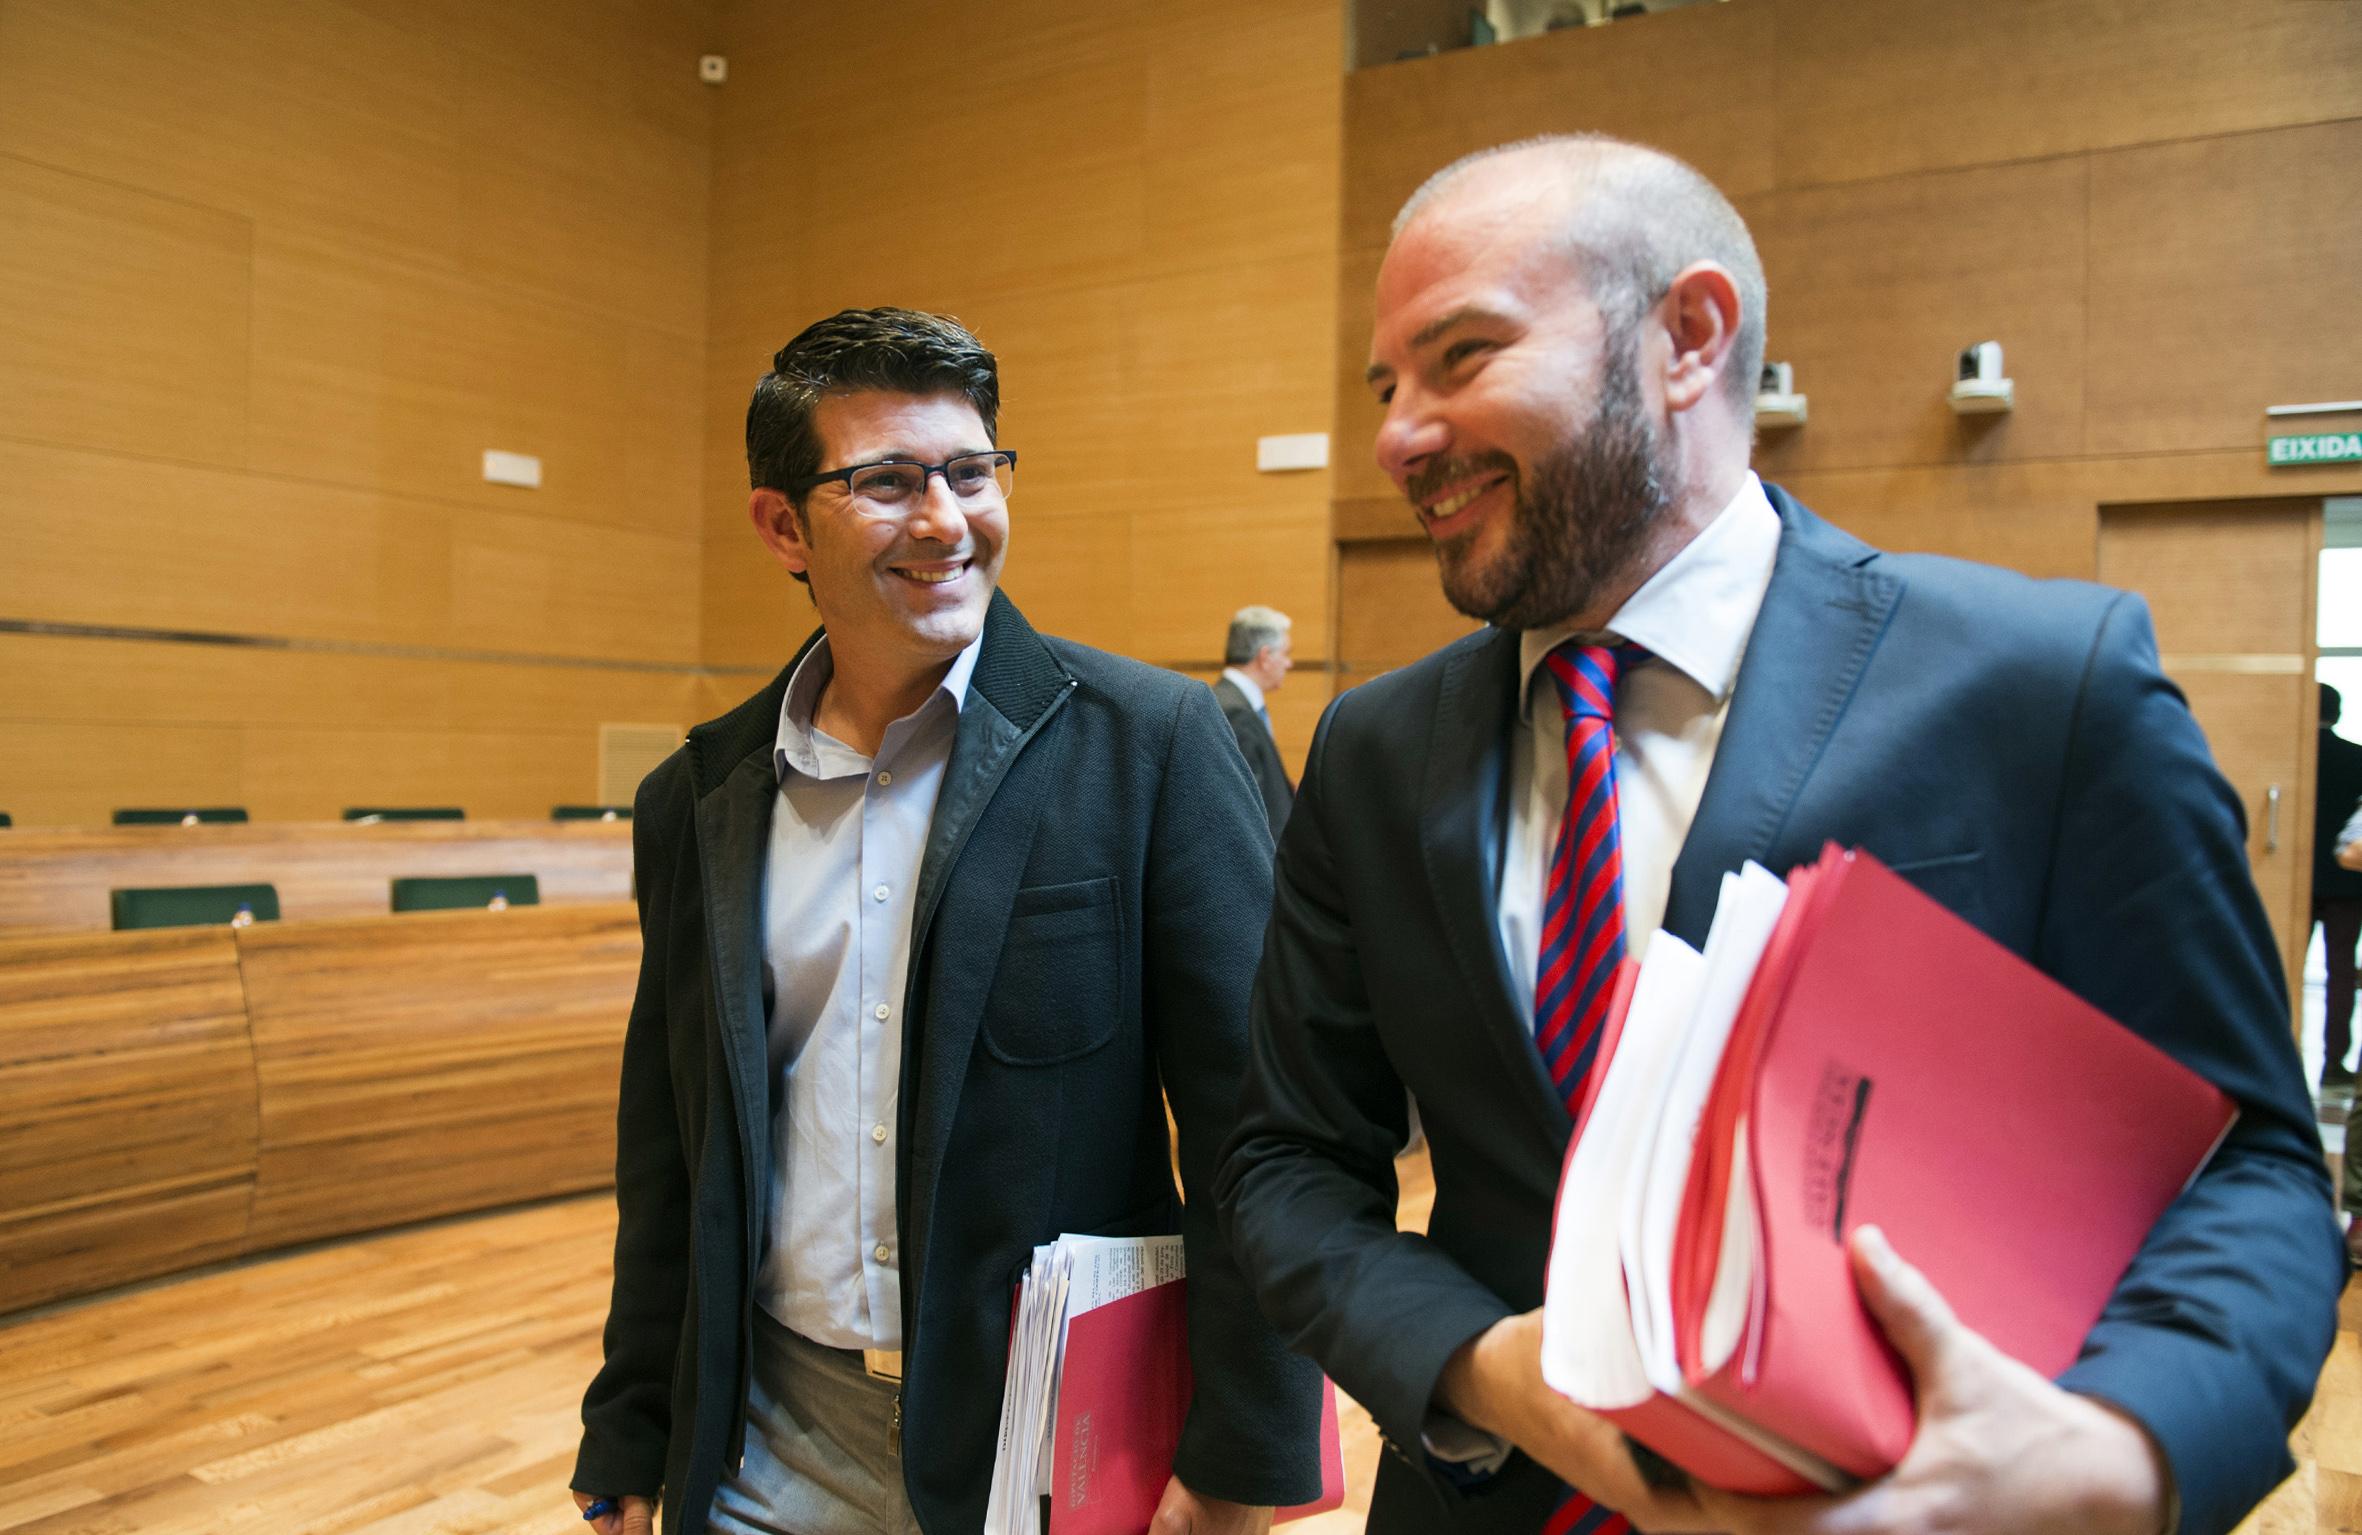 El presidente, Jorge Rodríguez, junto al diputado Toni Gaspar.